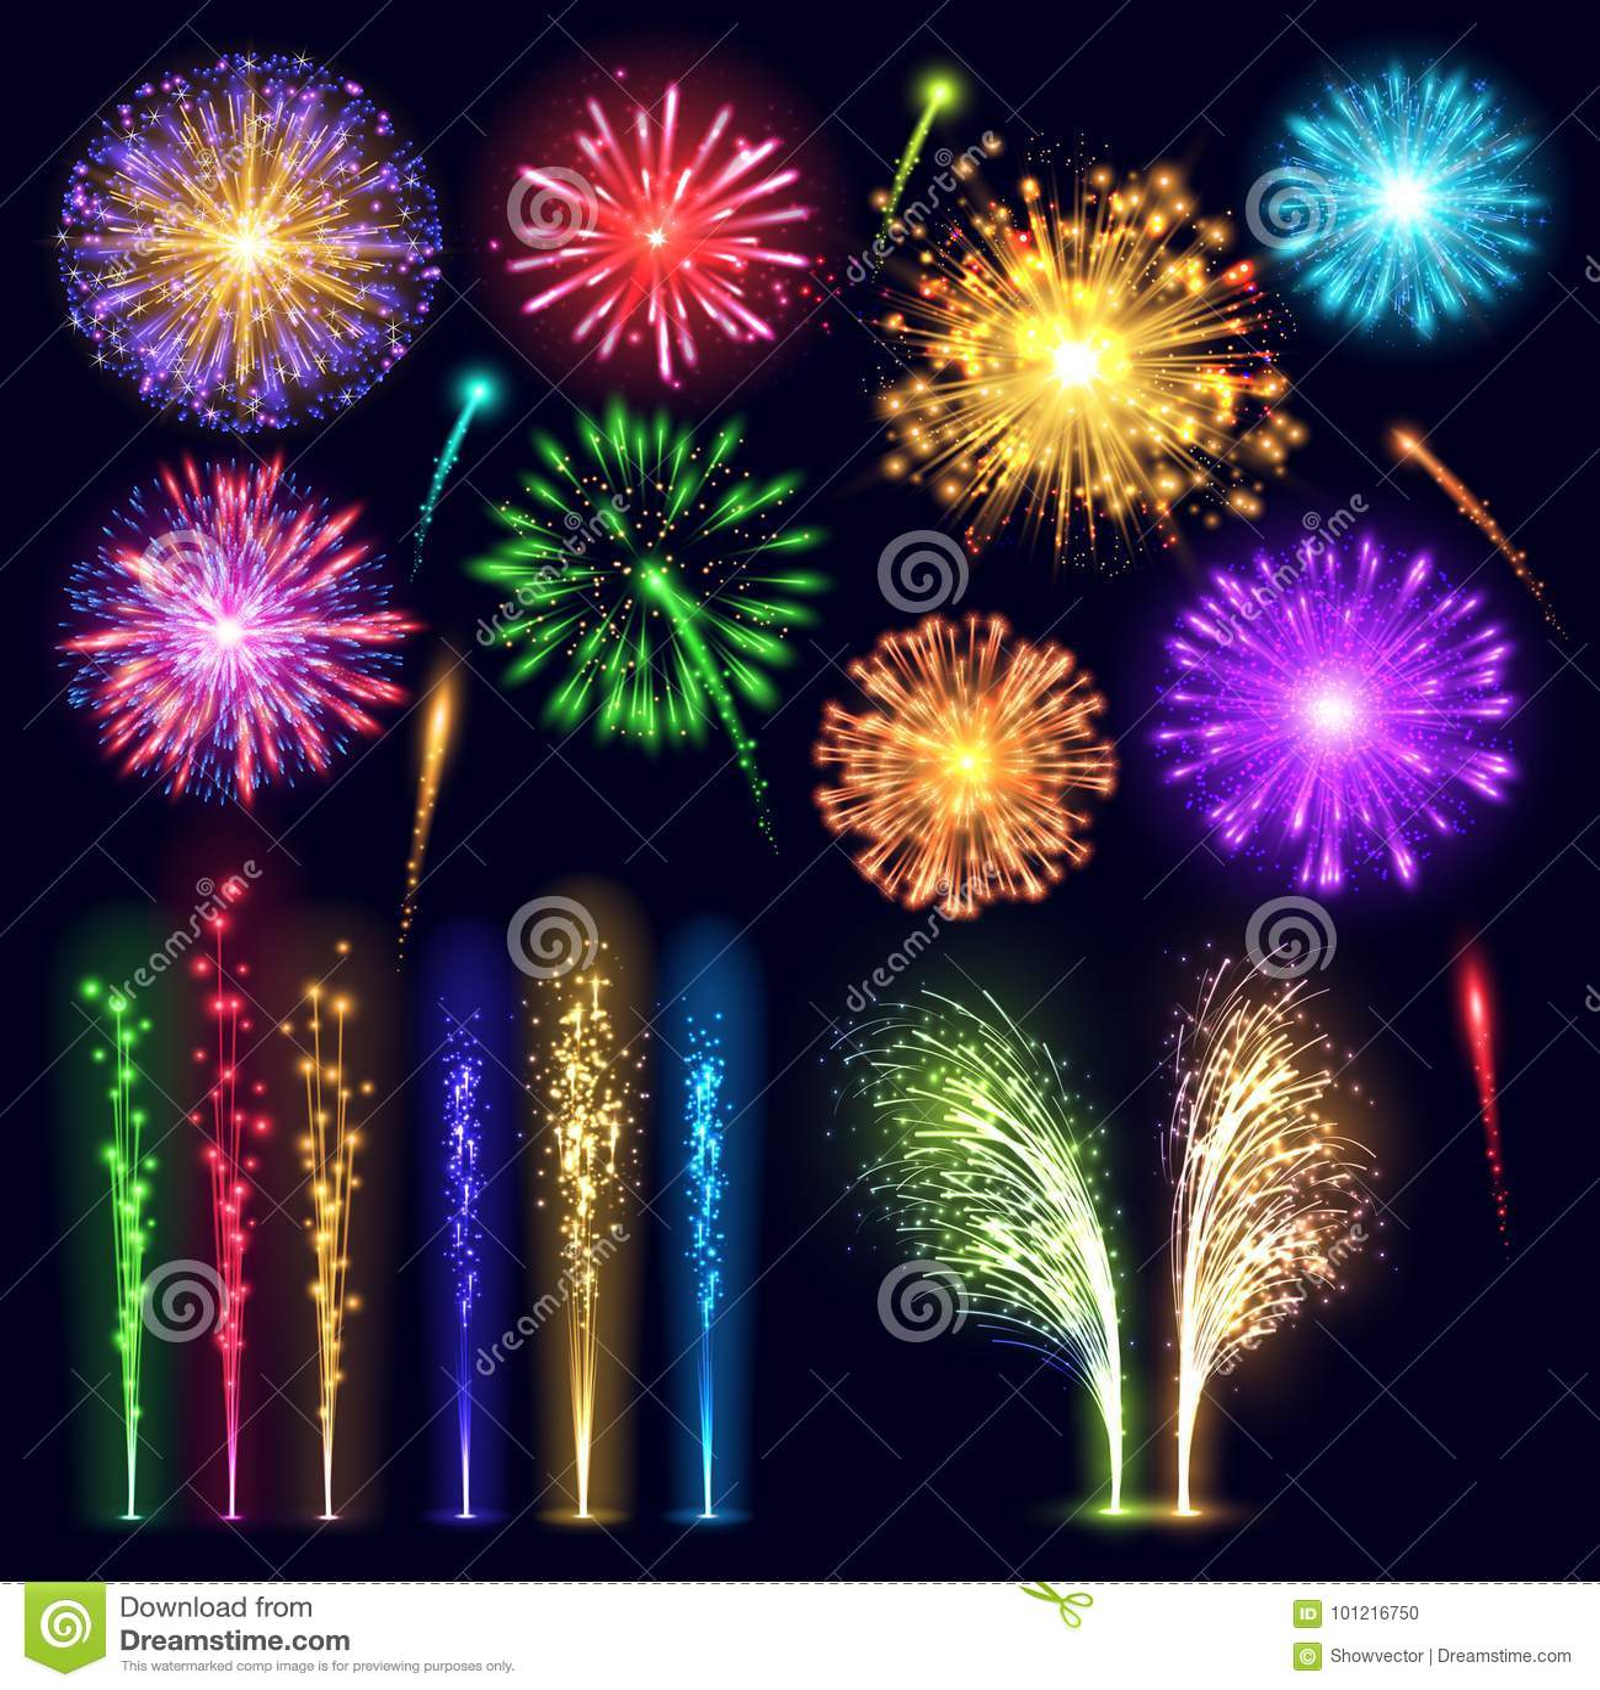 Da luz realística da explosão da noite do evento do feriado da celebração do estilo do fogo de artifício a ilustração festiva do